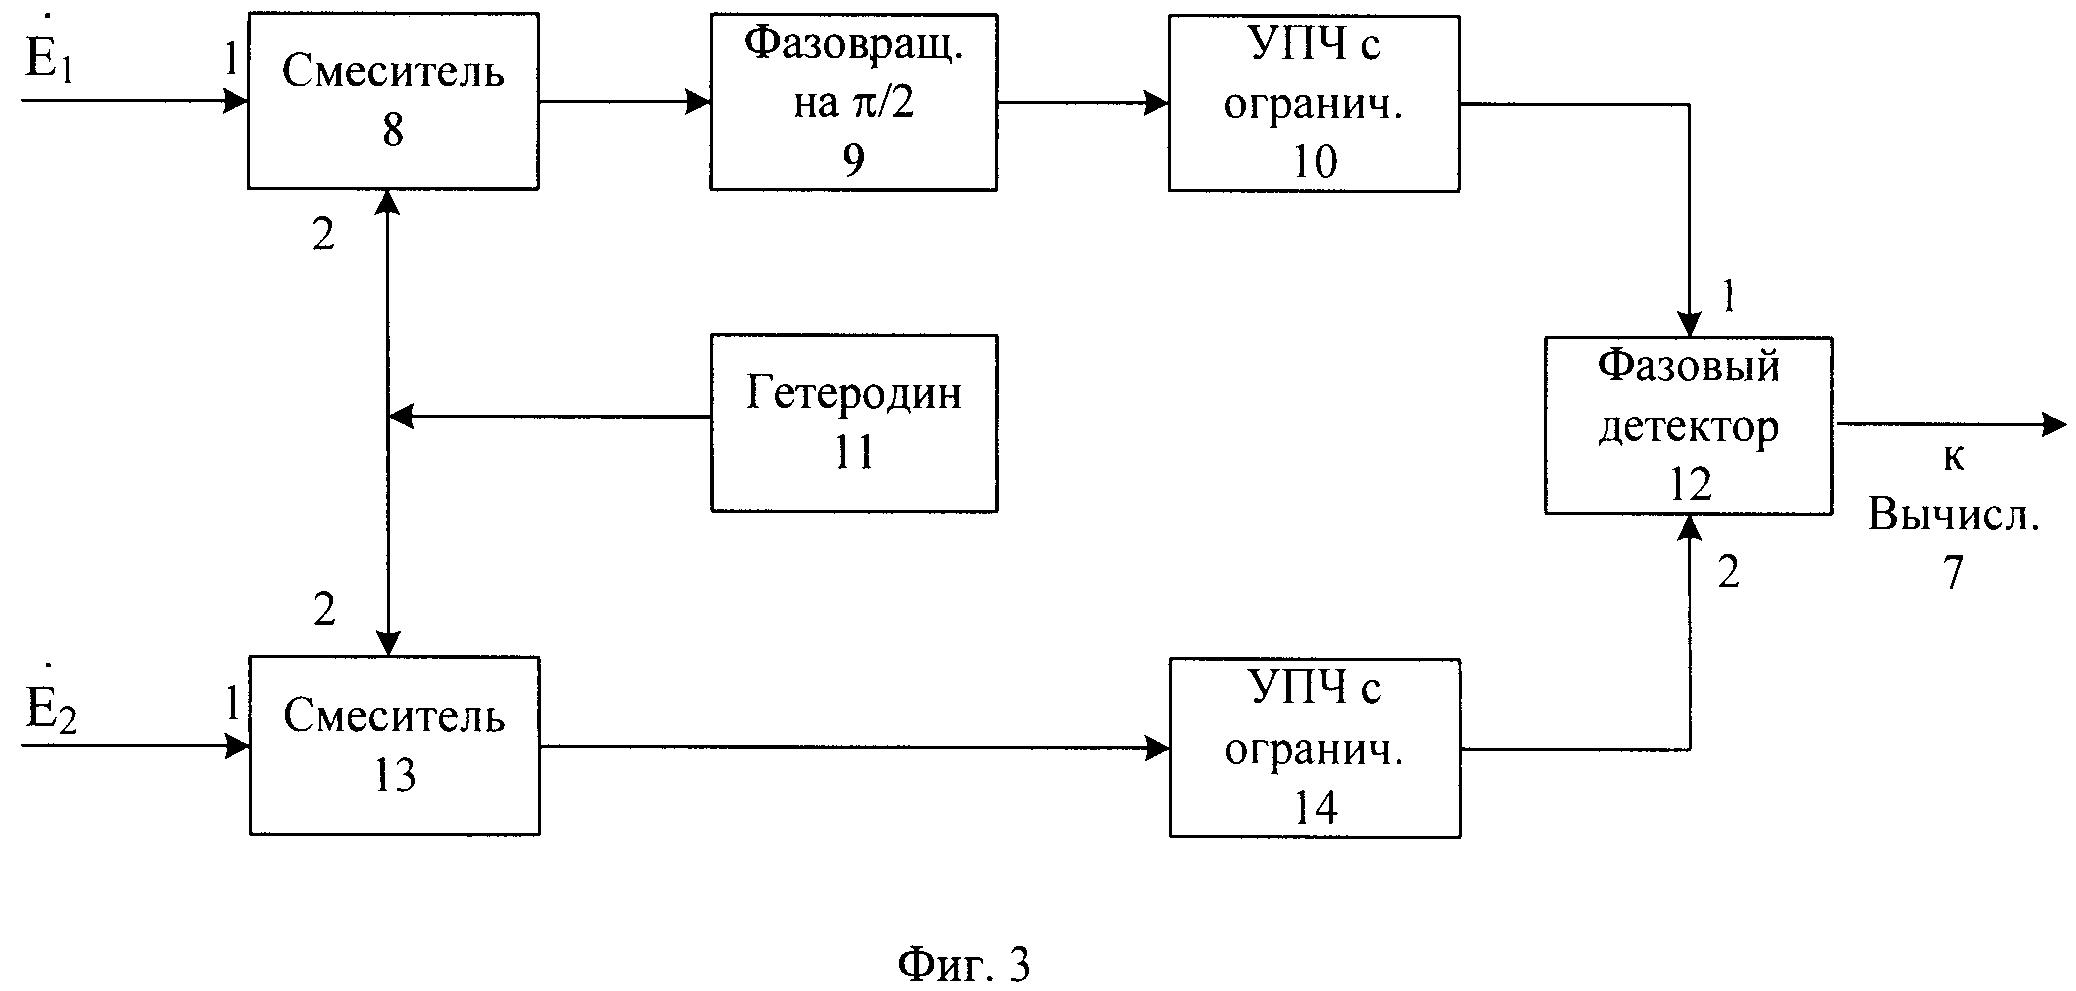 Радионавигационная система для измерения пеленга подвижного объекта